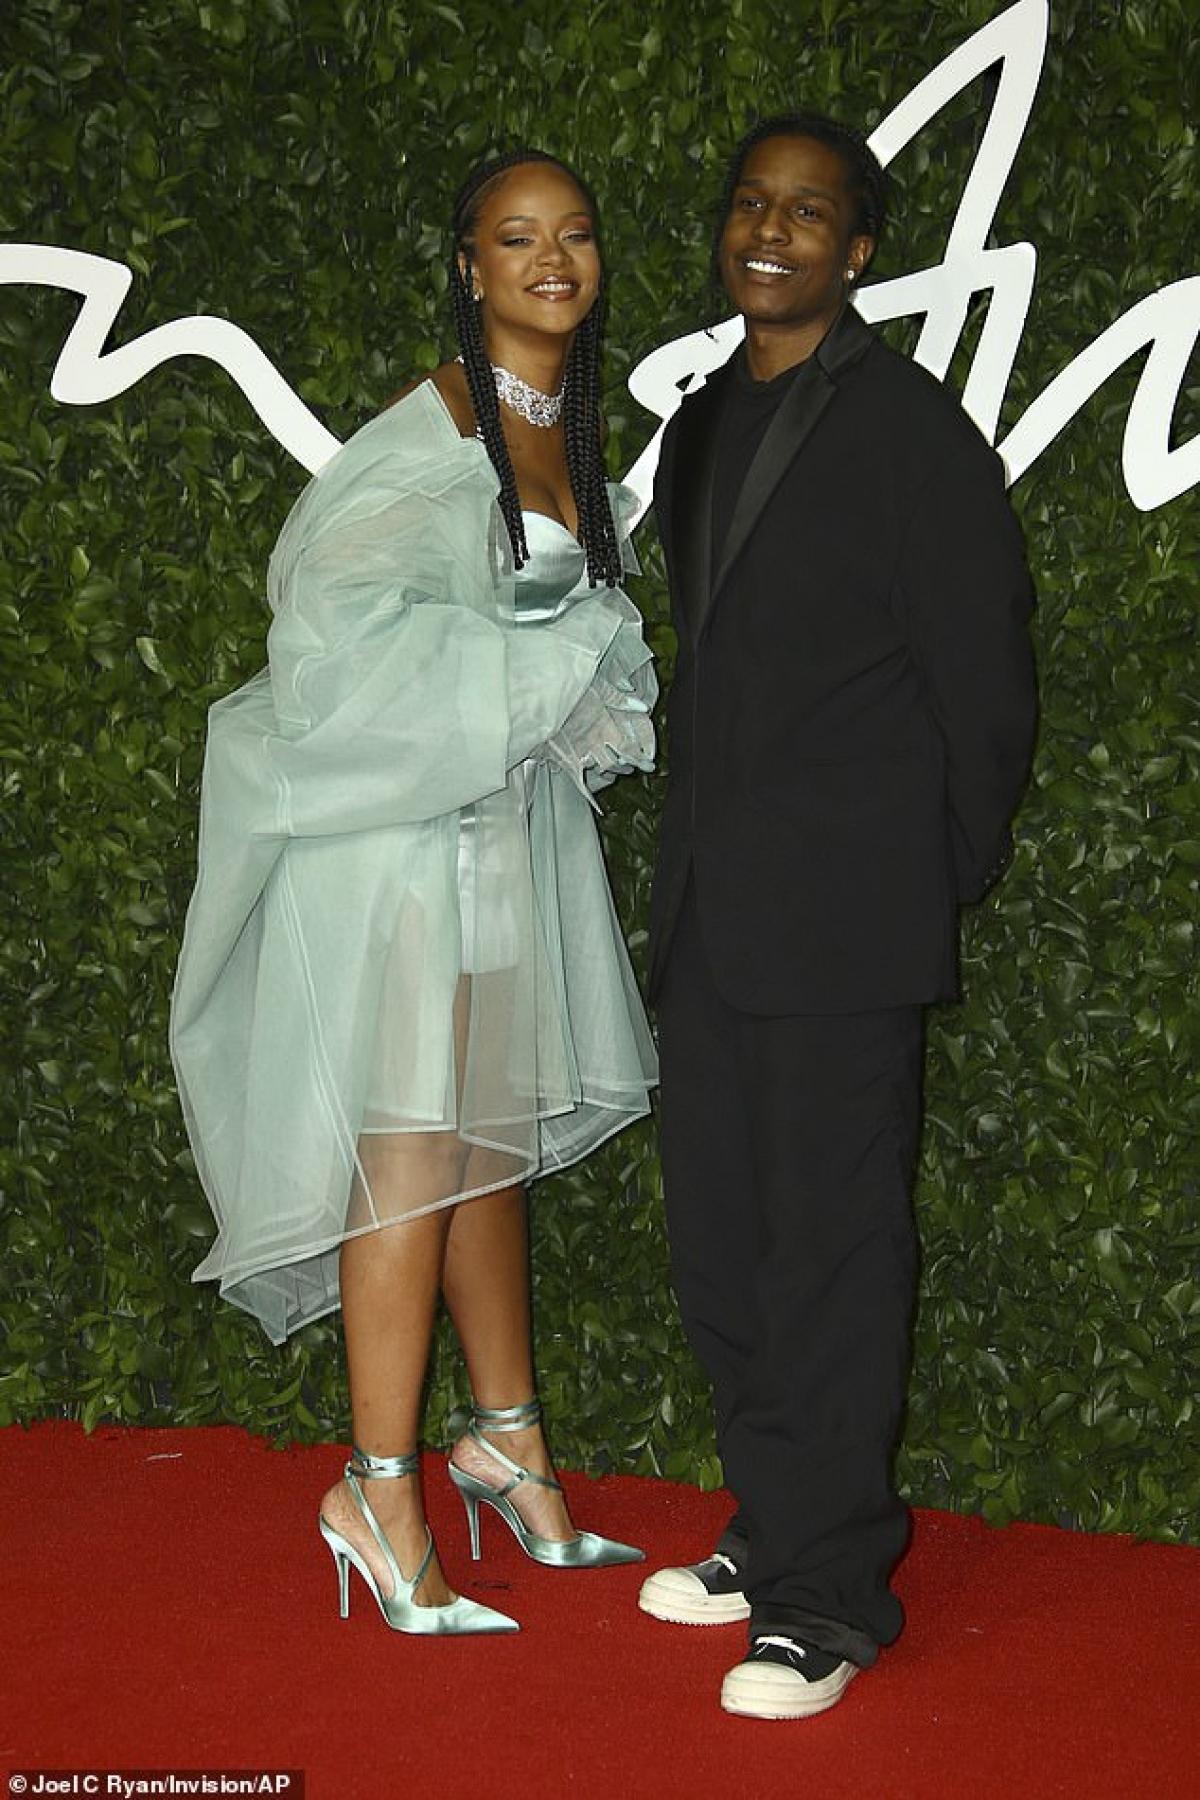 Mối quan hệ tình cảm của cả hai cũng chỉ mới ở giai đoạn đầu. Được biết, Rihanna và A$AP Rocky đã quen nhau từ trước đó khá lâu.